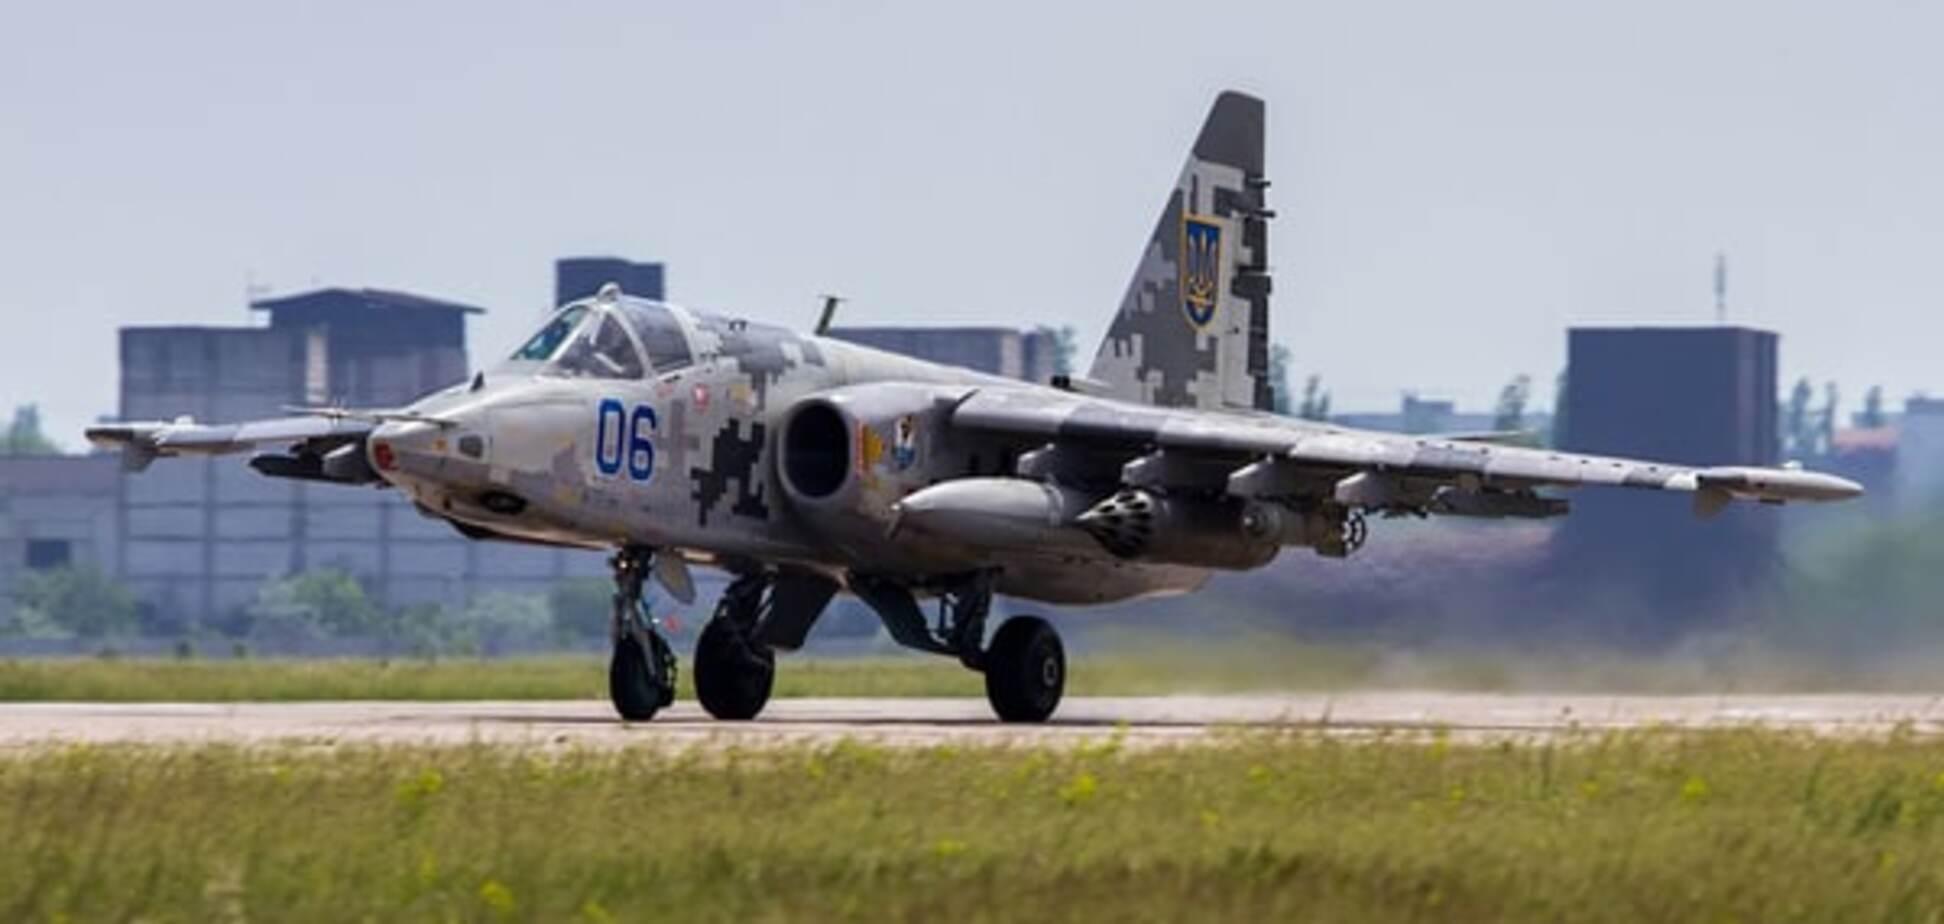 Причини катастрофи Су-25: божевільні тренування, несправність або недбалість